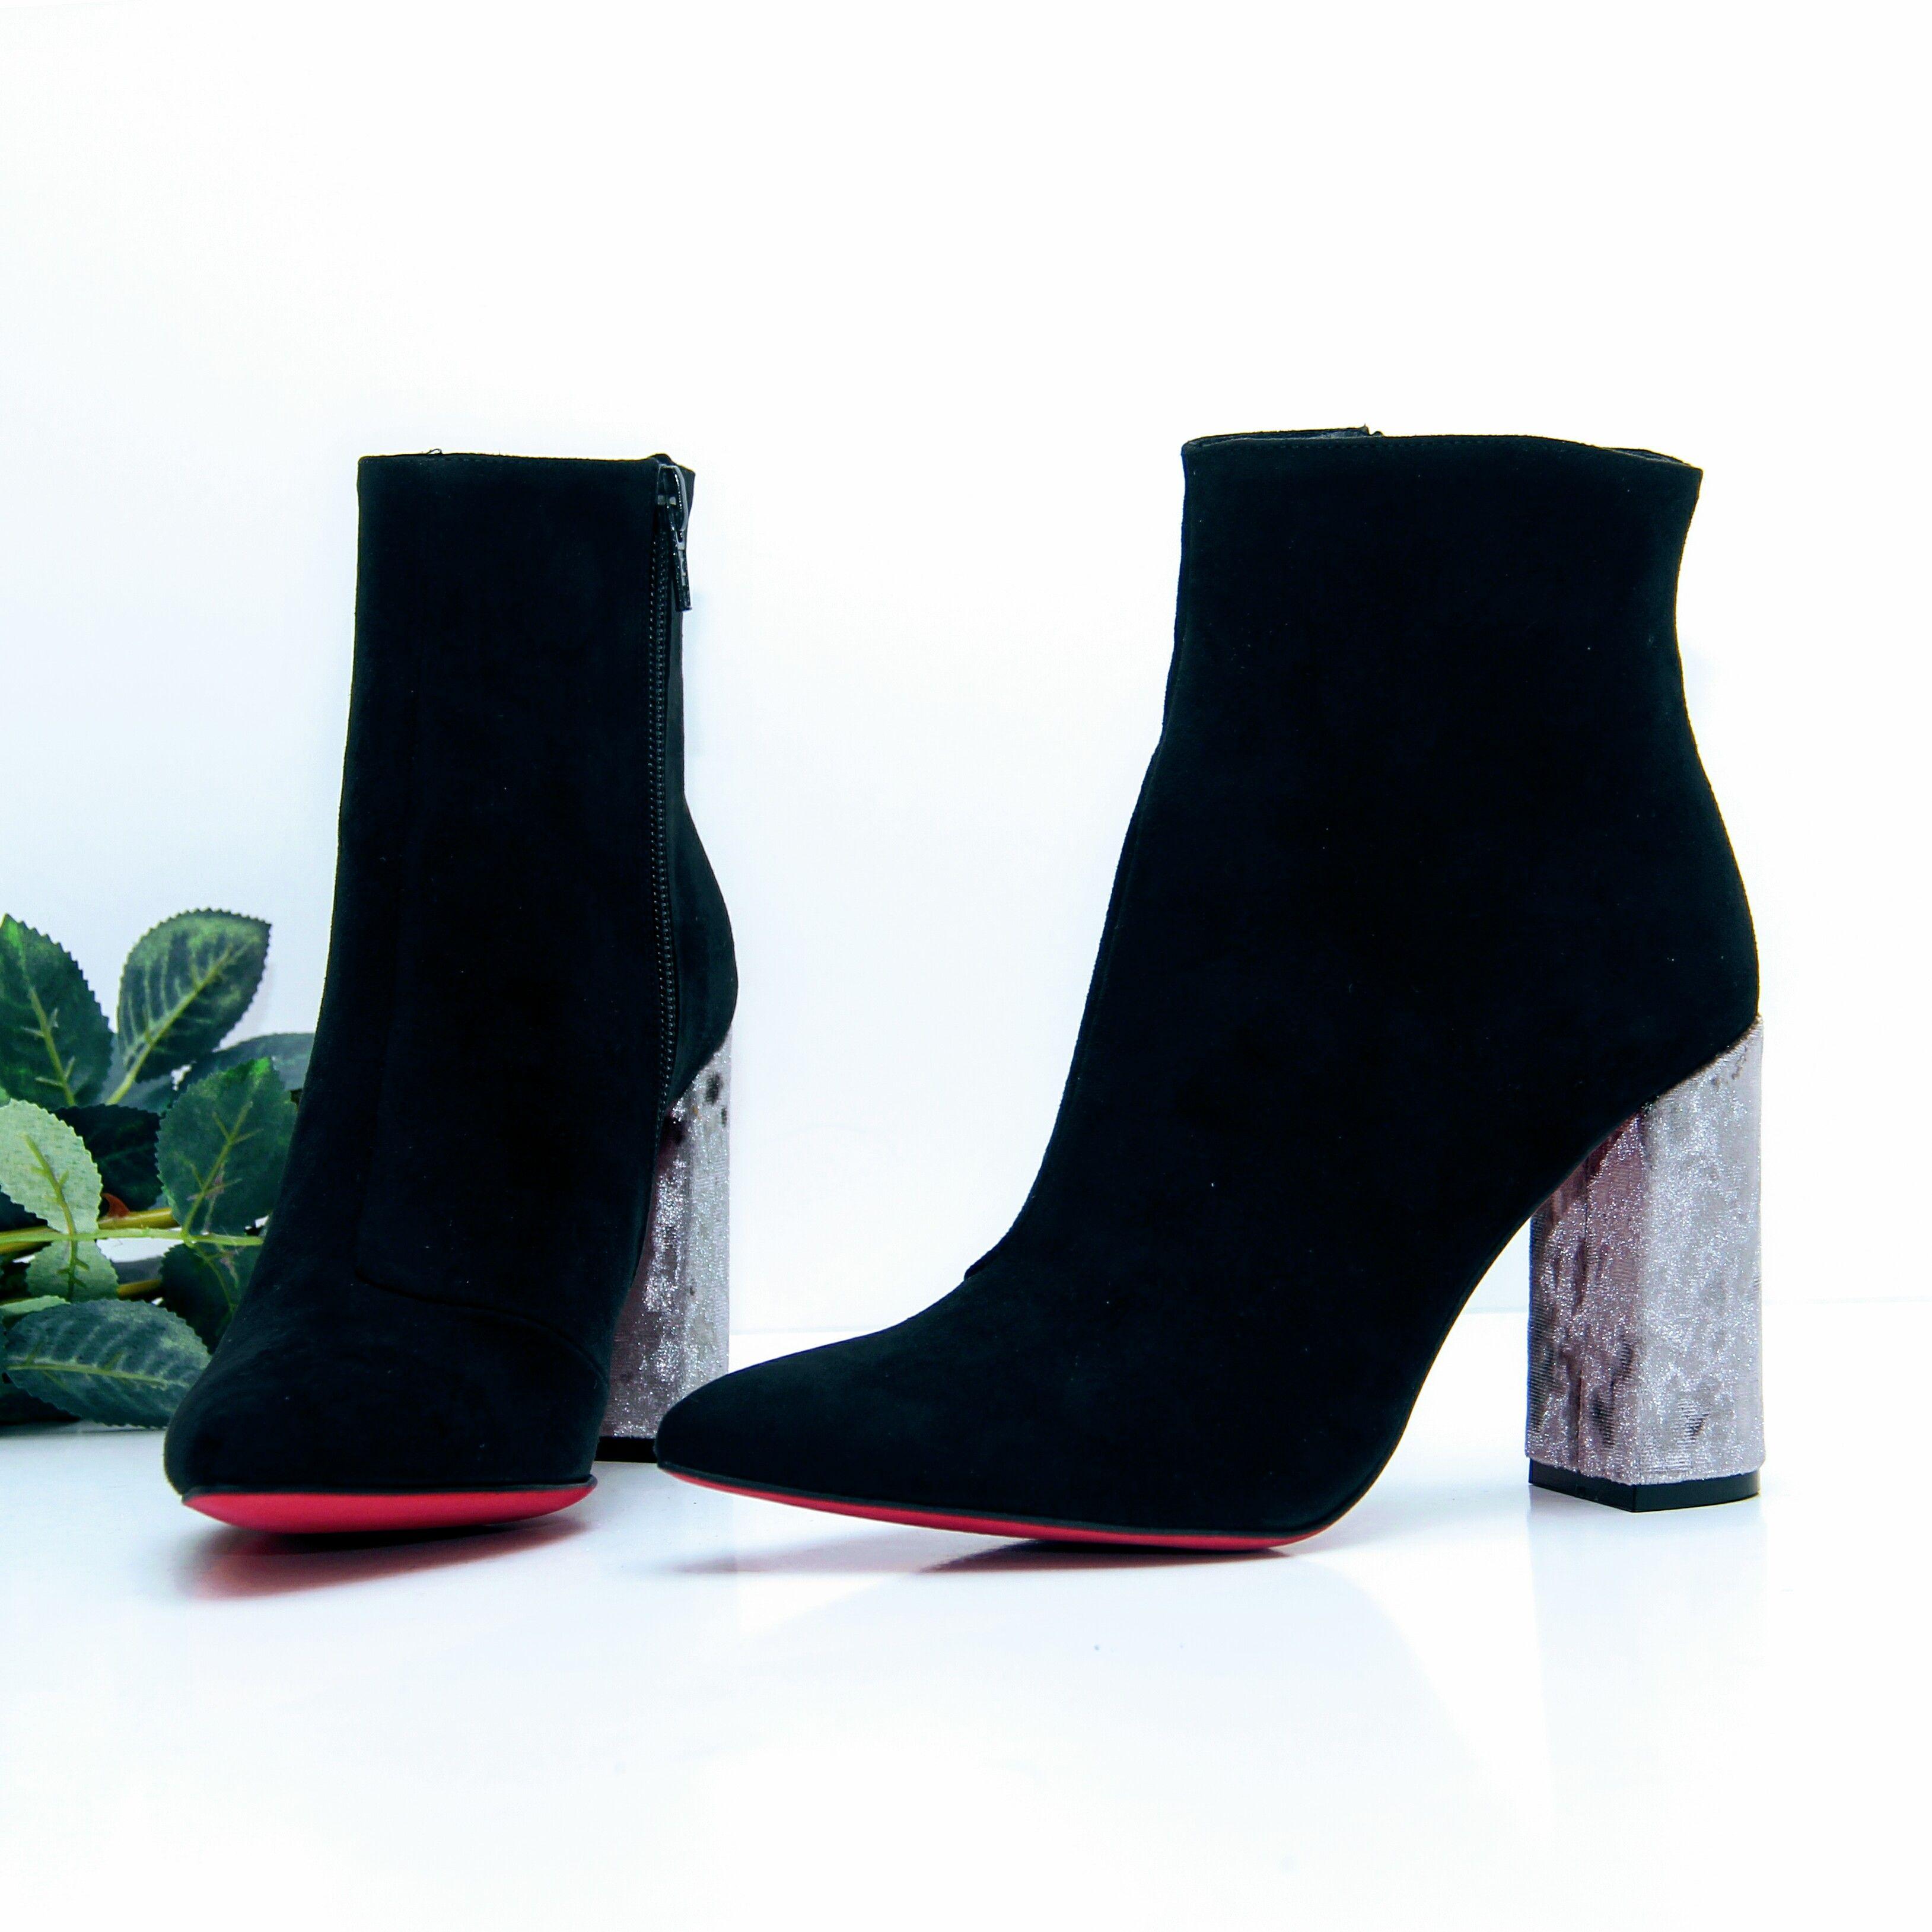 Feliz día de reyes! Ahora podéis disfrutar de estas preciosas Ángel Alarcón modelo 16738 868 con un 25% de descuento💕 shop online: https://www.zacaris.com/articulos/100035758.htm #zacaris #shoponline #boots #angelalarcon #shoesoftheday